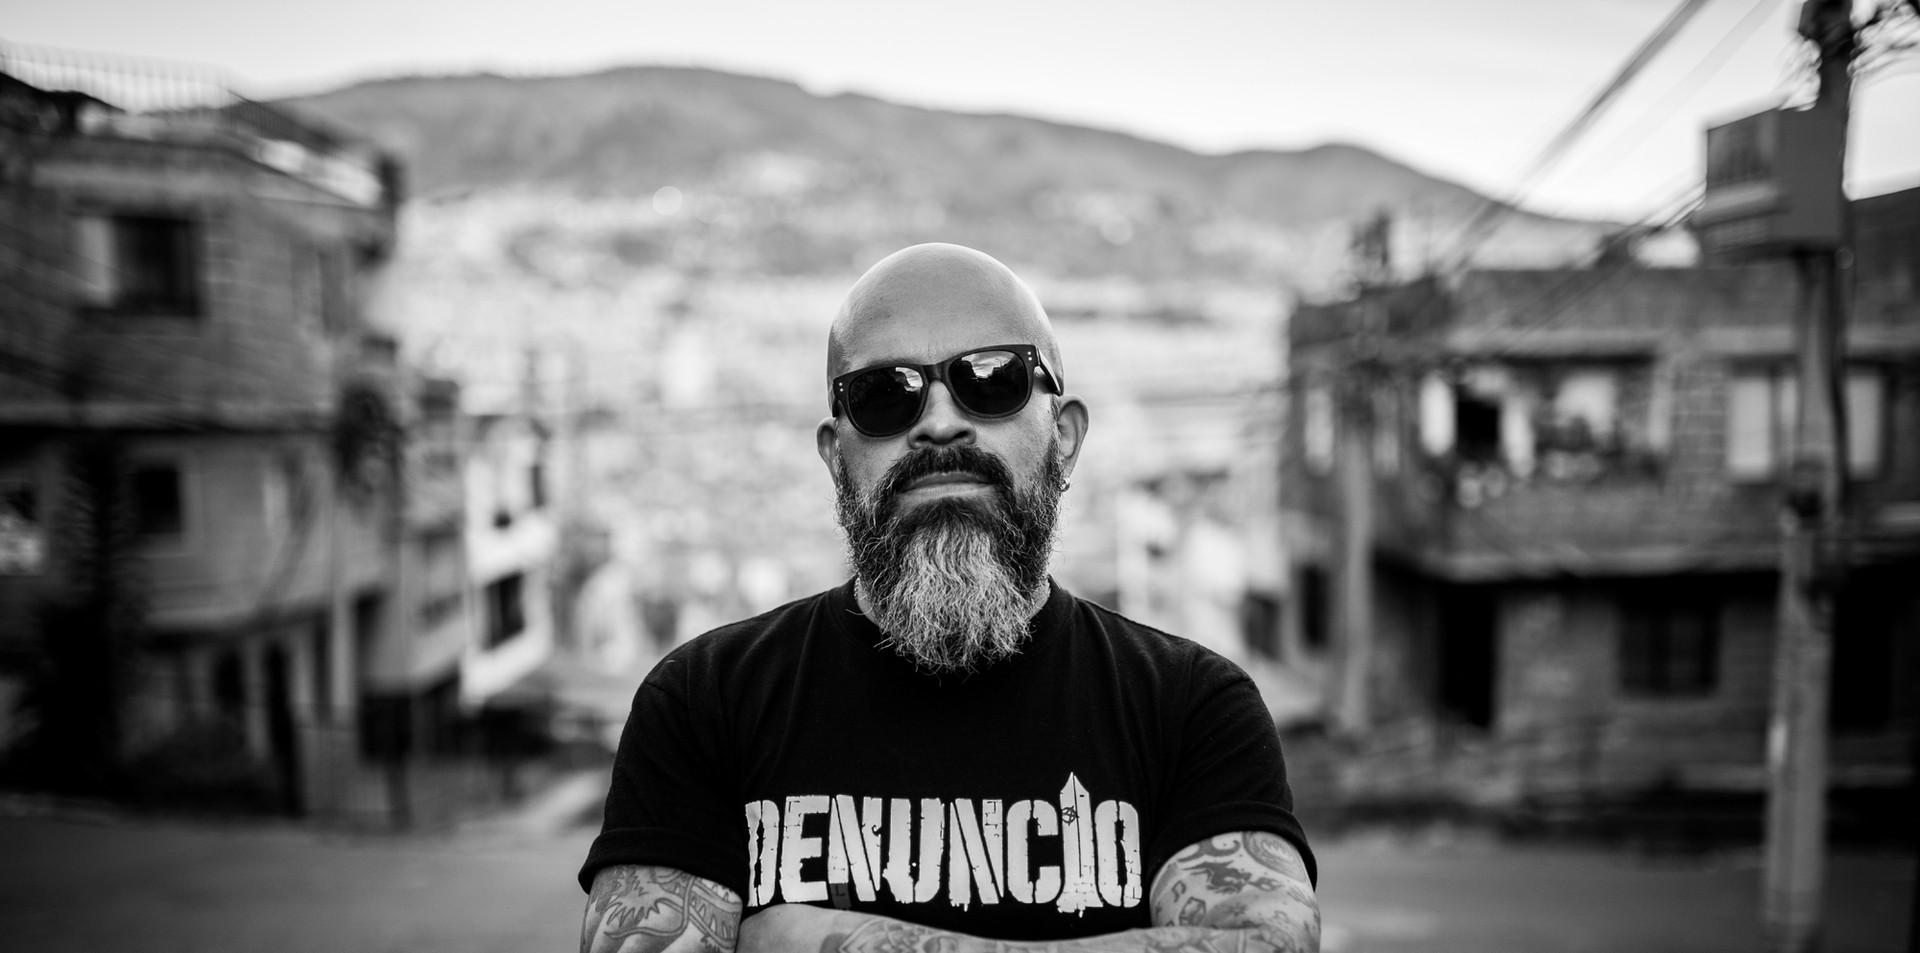 Fotografía Diego Arango. www.diegoarango.com 2018 ®